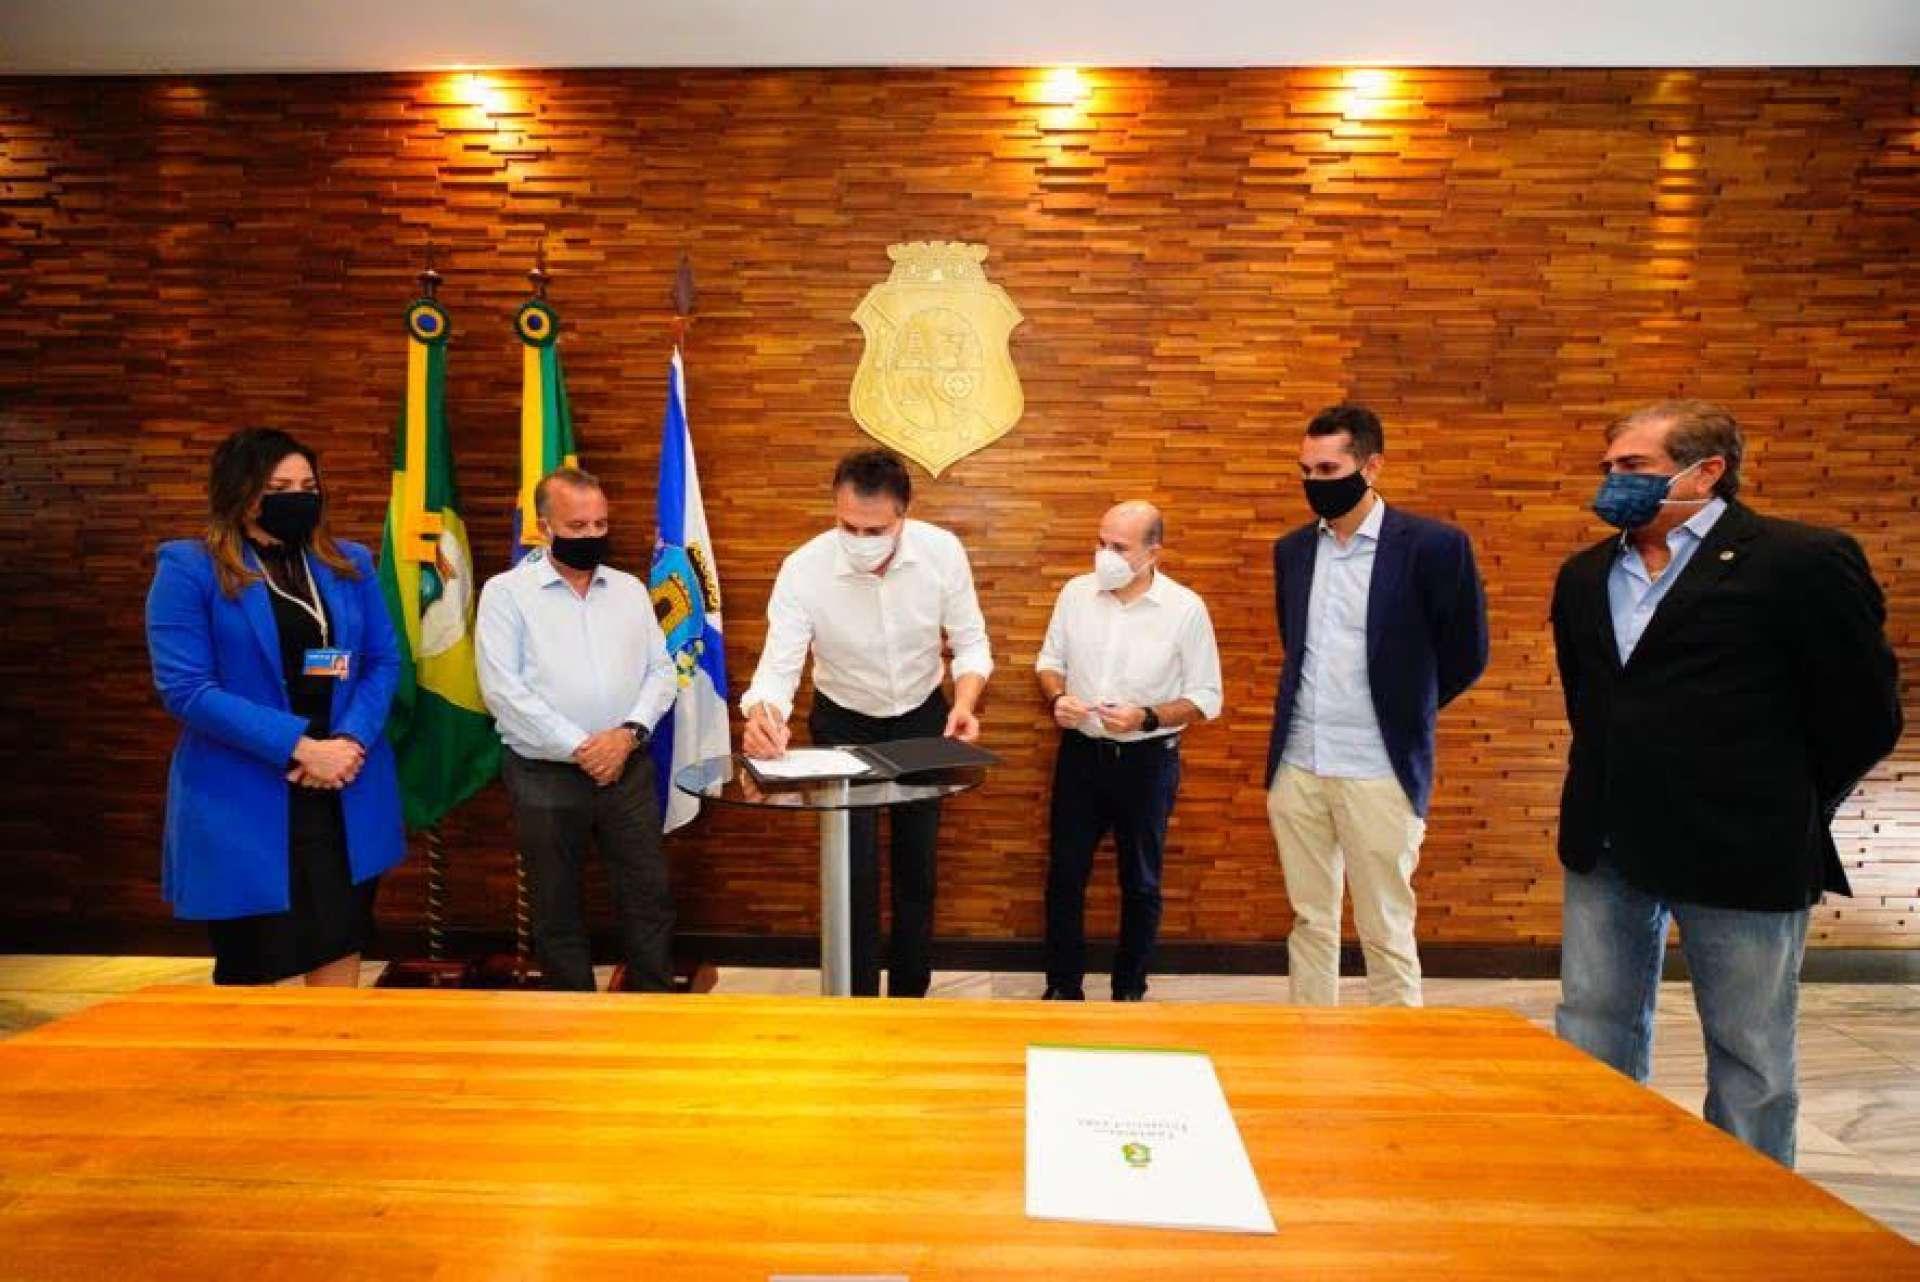 Visita do ministro do Desenvolvimento Regional, Rogério Marinho, que anunciou o investimento de R$ 54 milhões para obras do Cinturão das Águas do Ceará